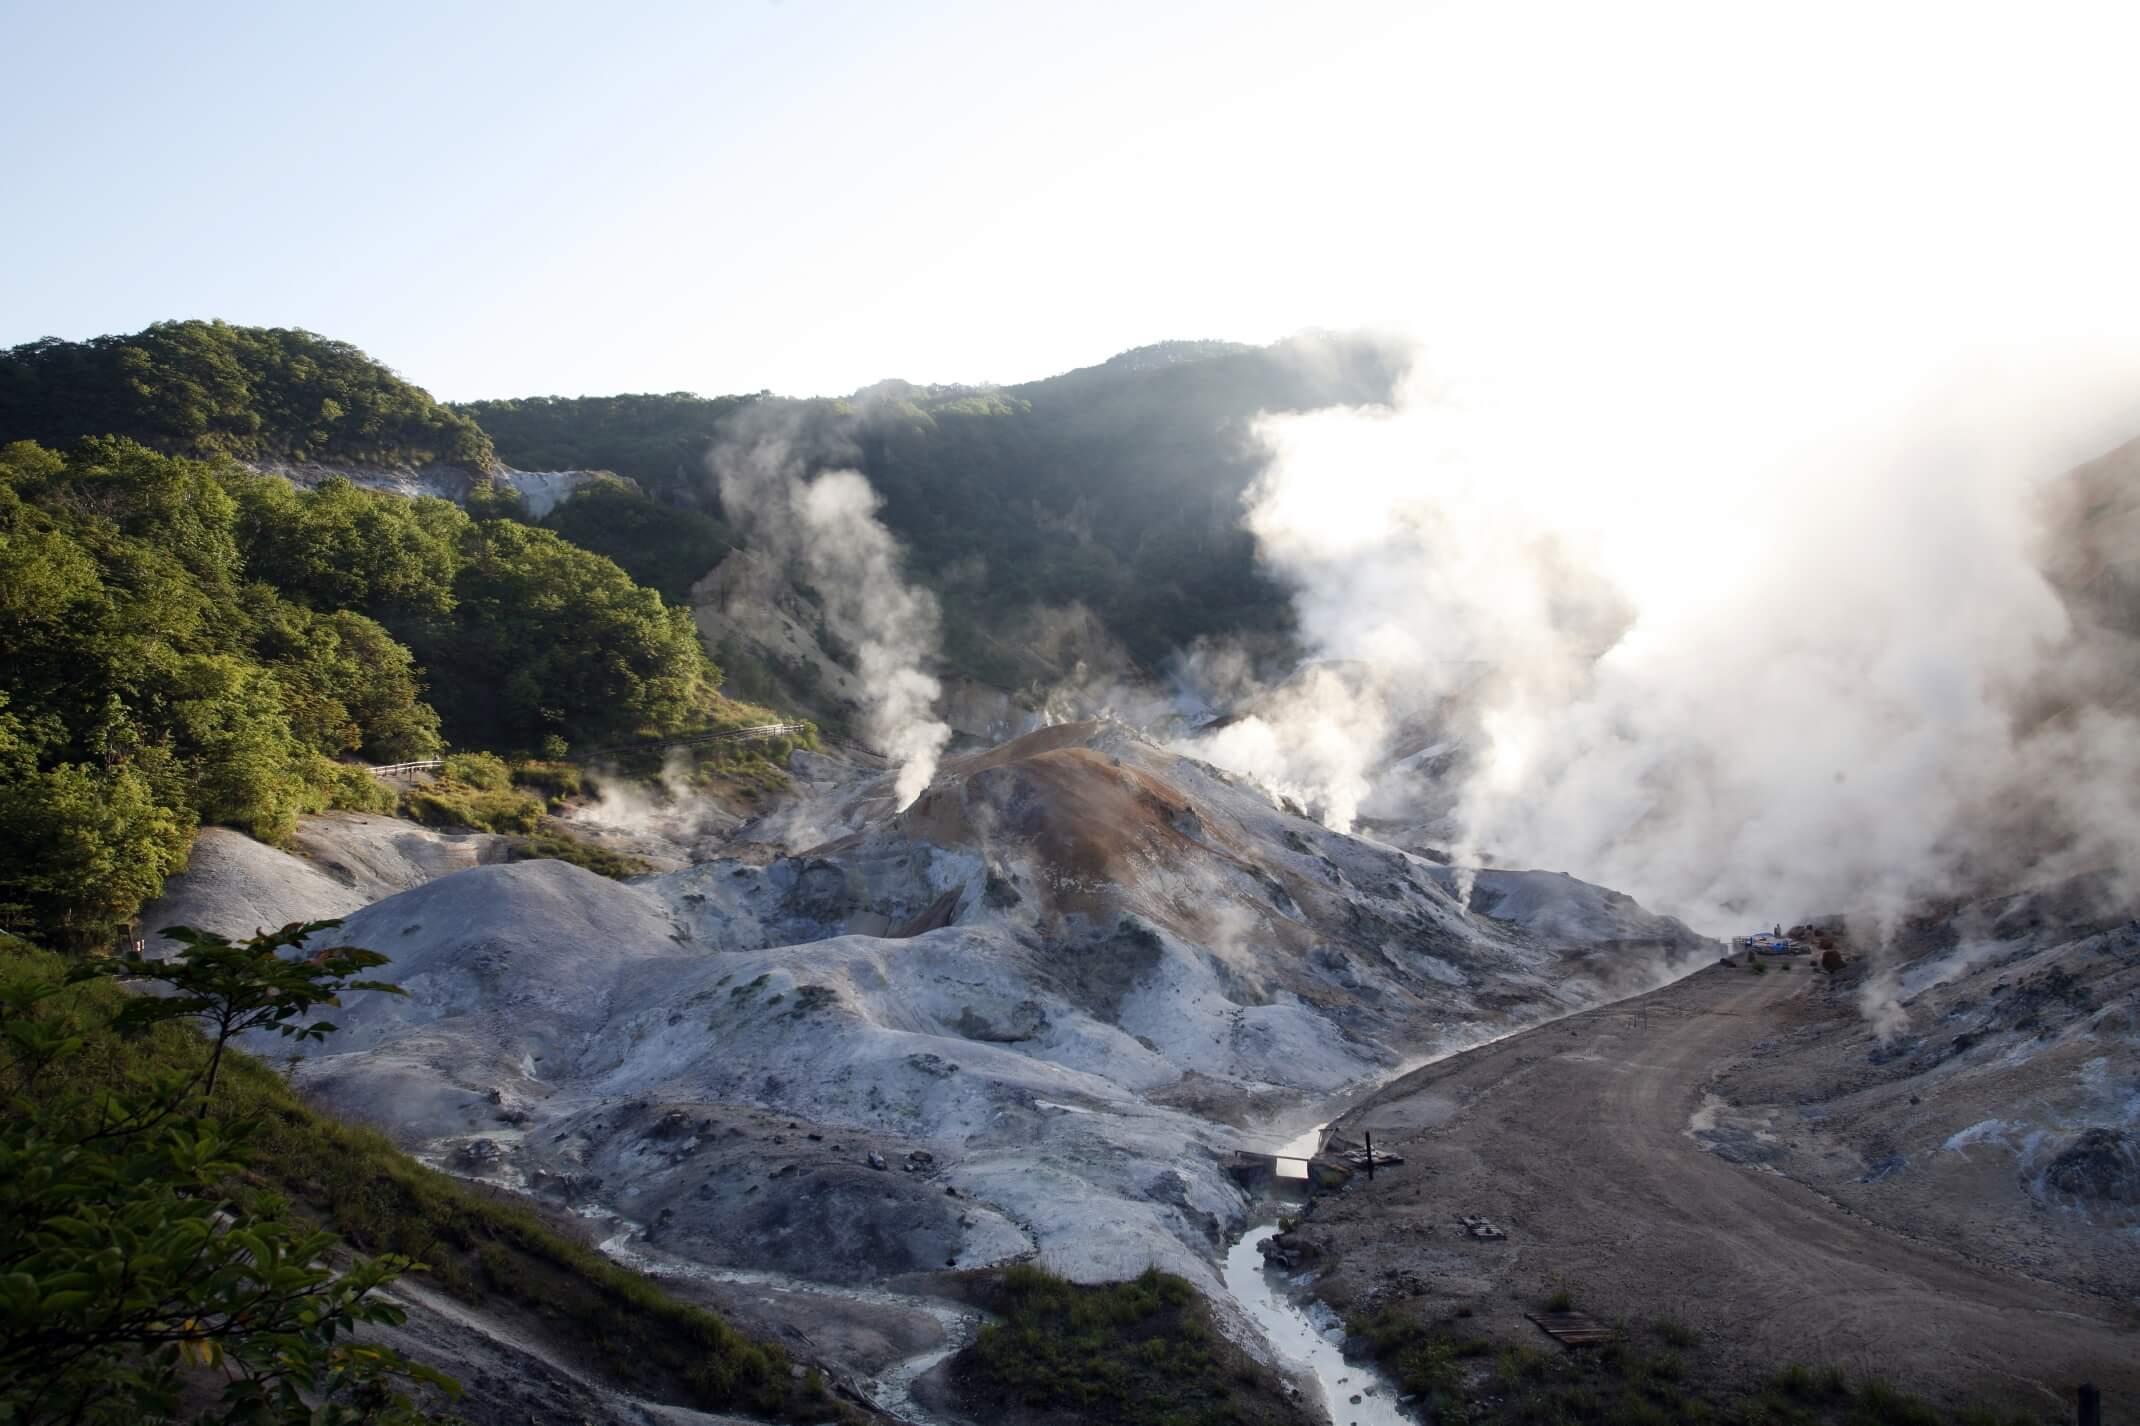 史前時代的火山溫泉「登別溫泉地獄谷」